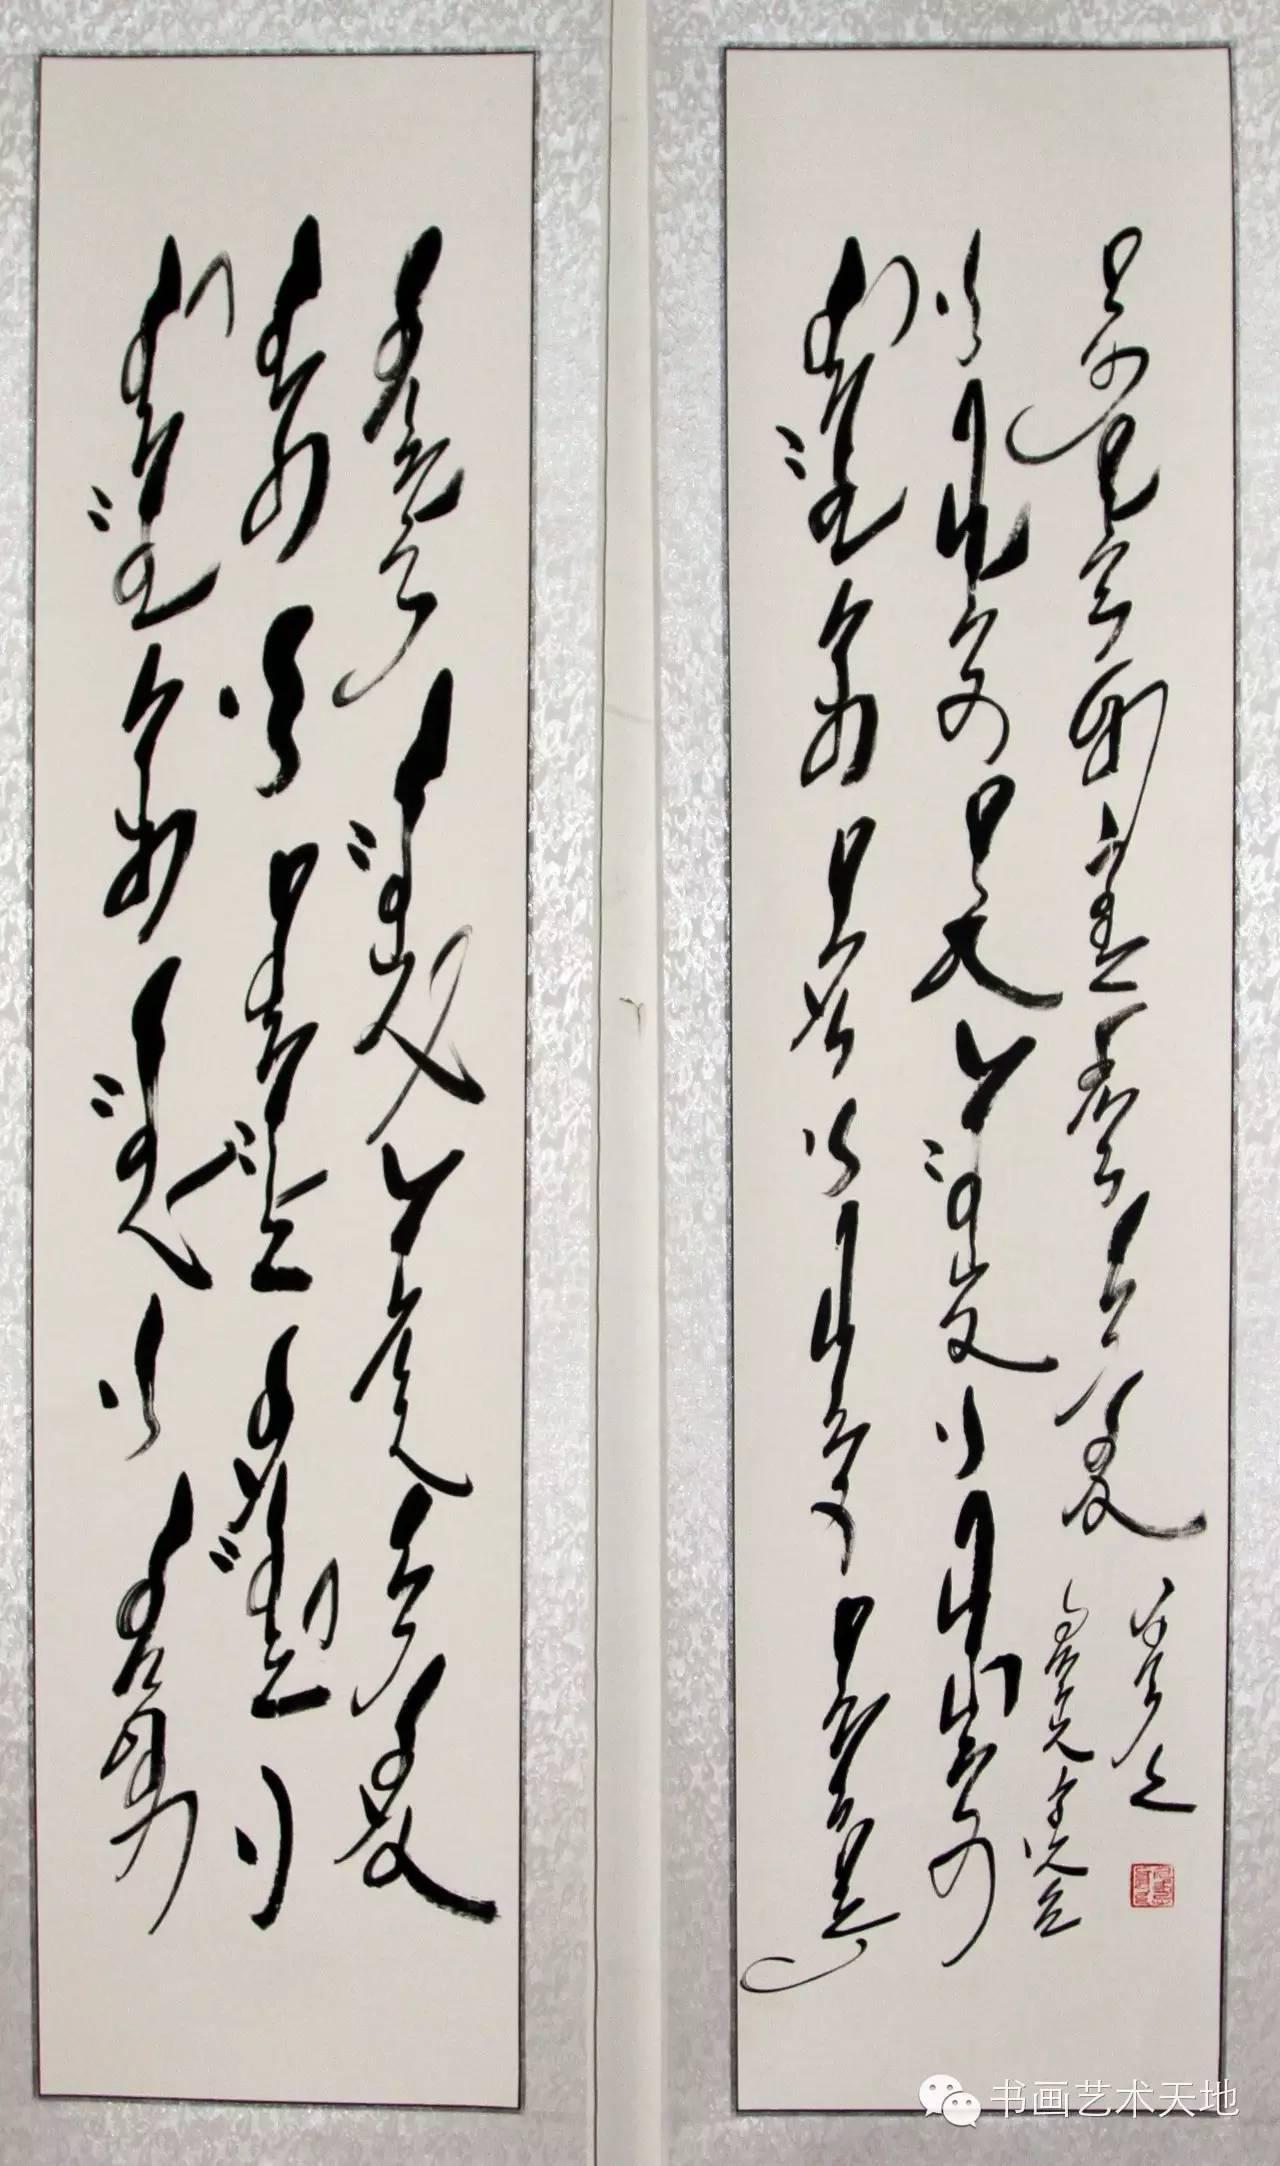 永阿——戈壁滩上的蒙文书法奇葩 第4张